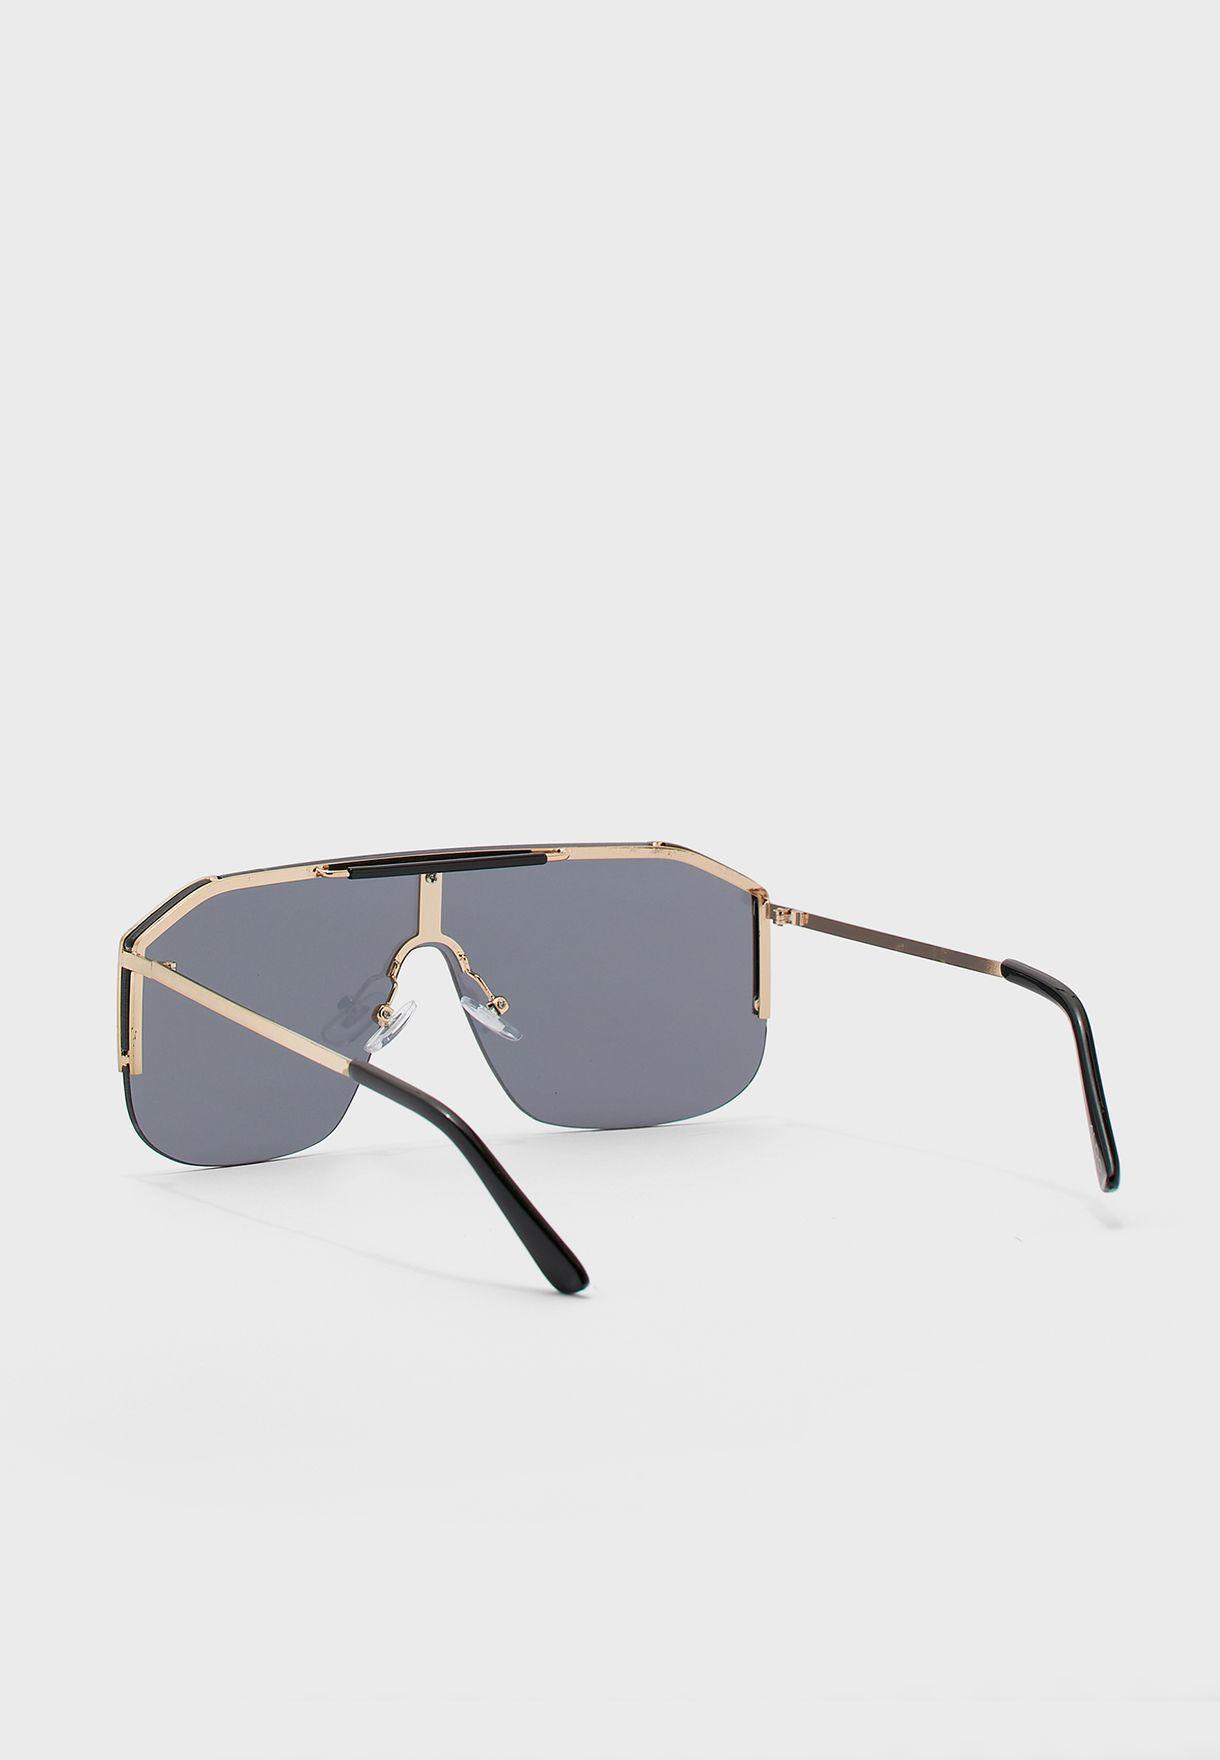 Dreslanden Sunglasses